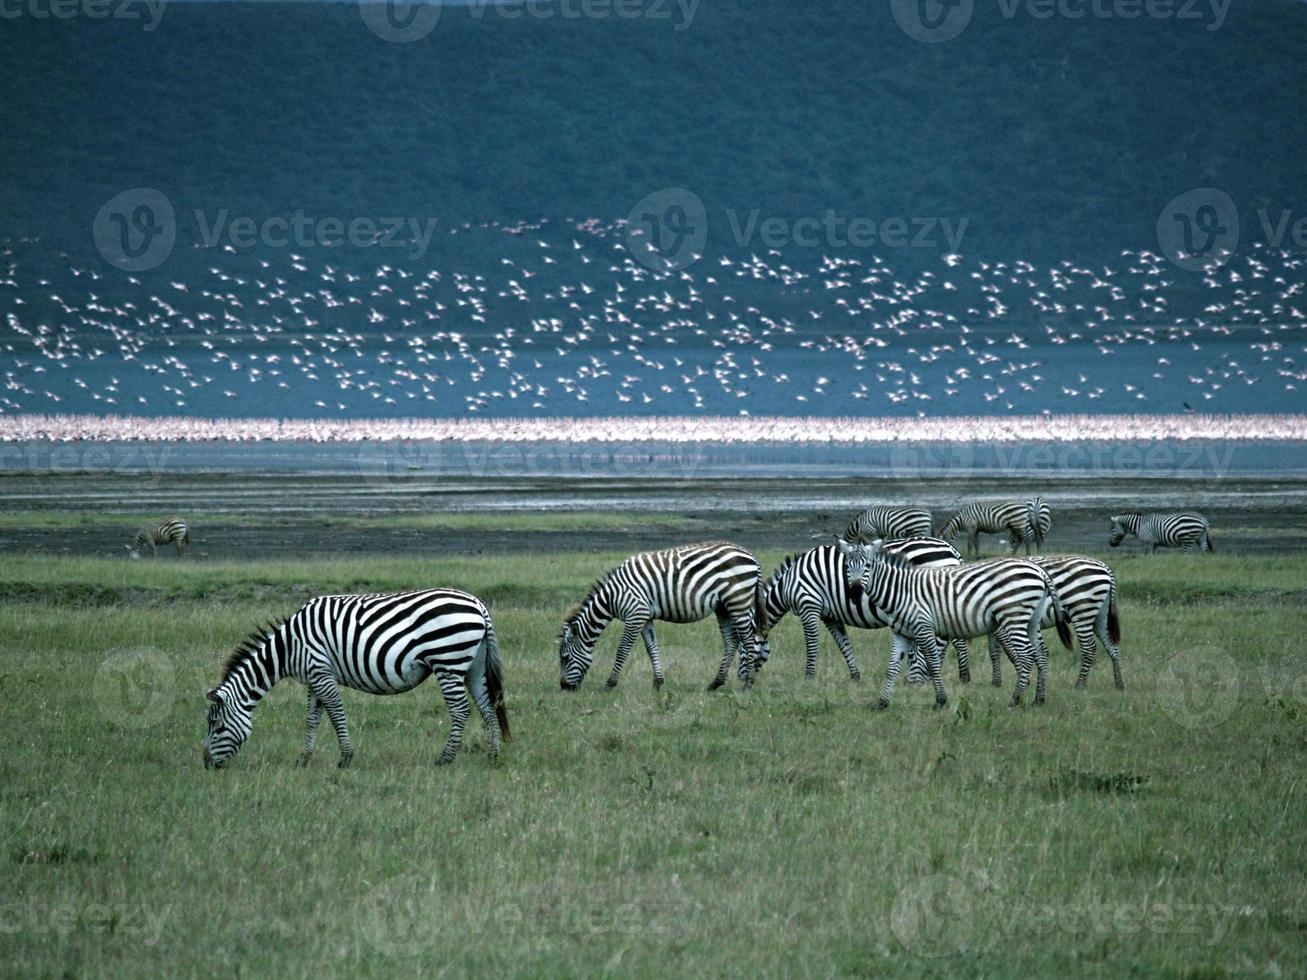 Million pink flamingos with zebras photo